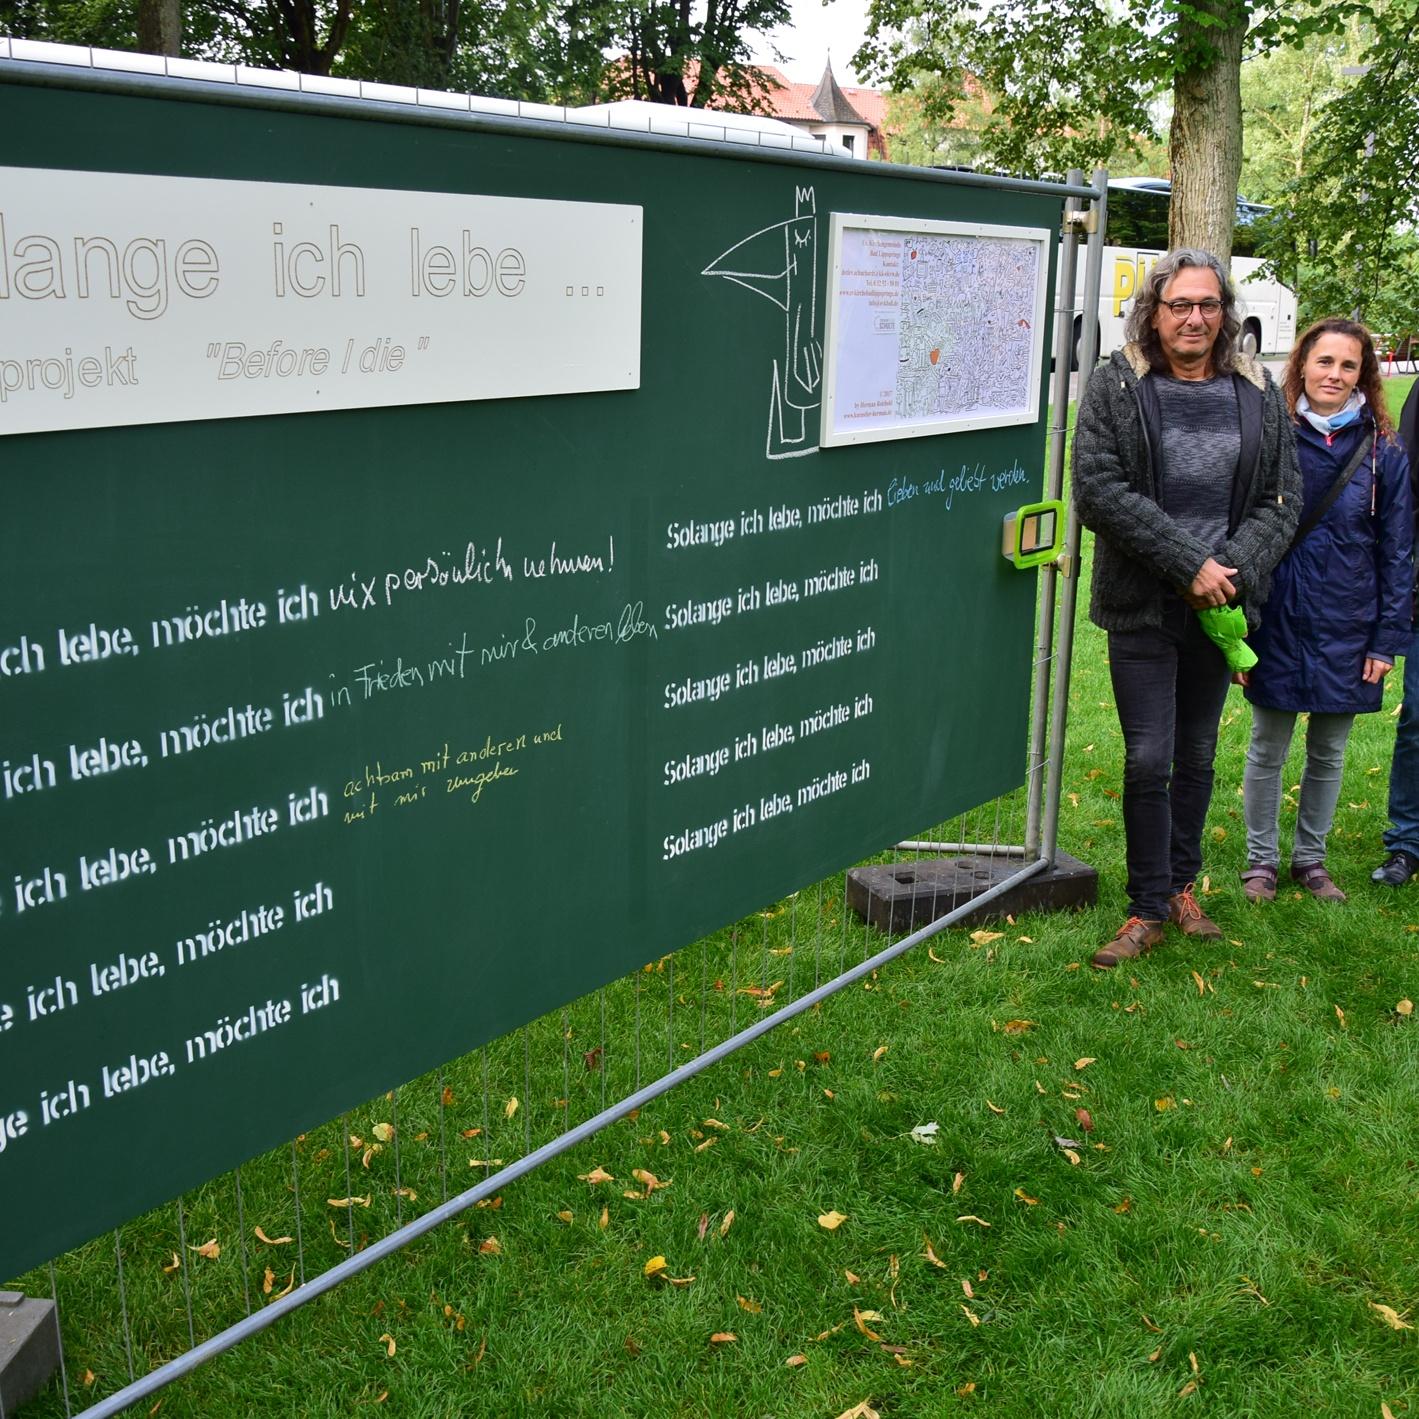 """Mitmach-Aktion an der Landesgartenschau in Bad Lippspringe """"Solange ich lebe, möchte ich…"""""""